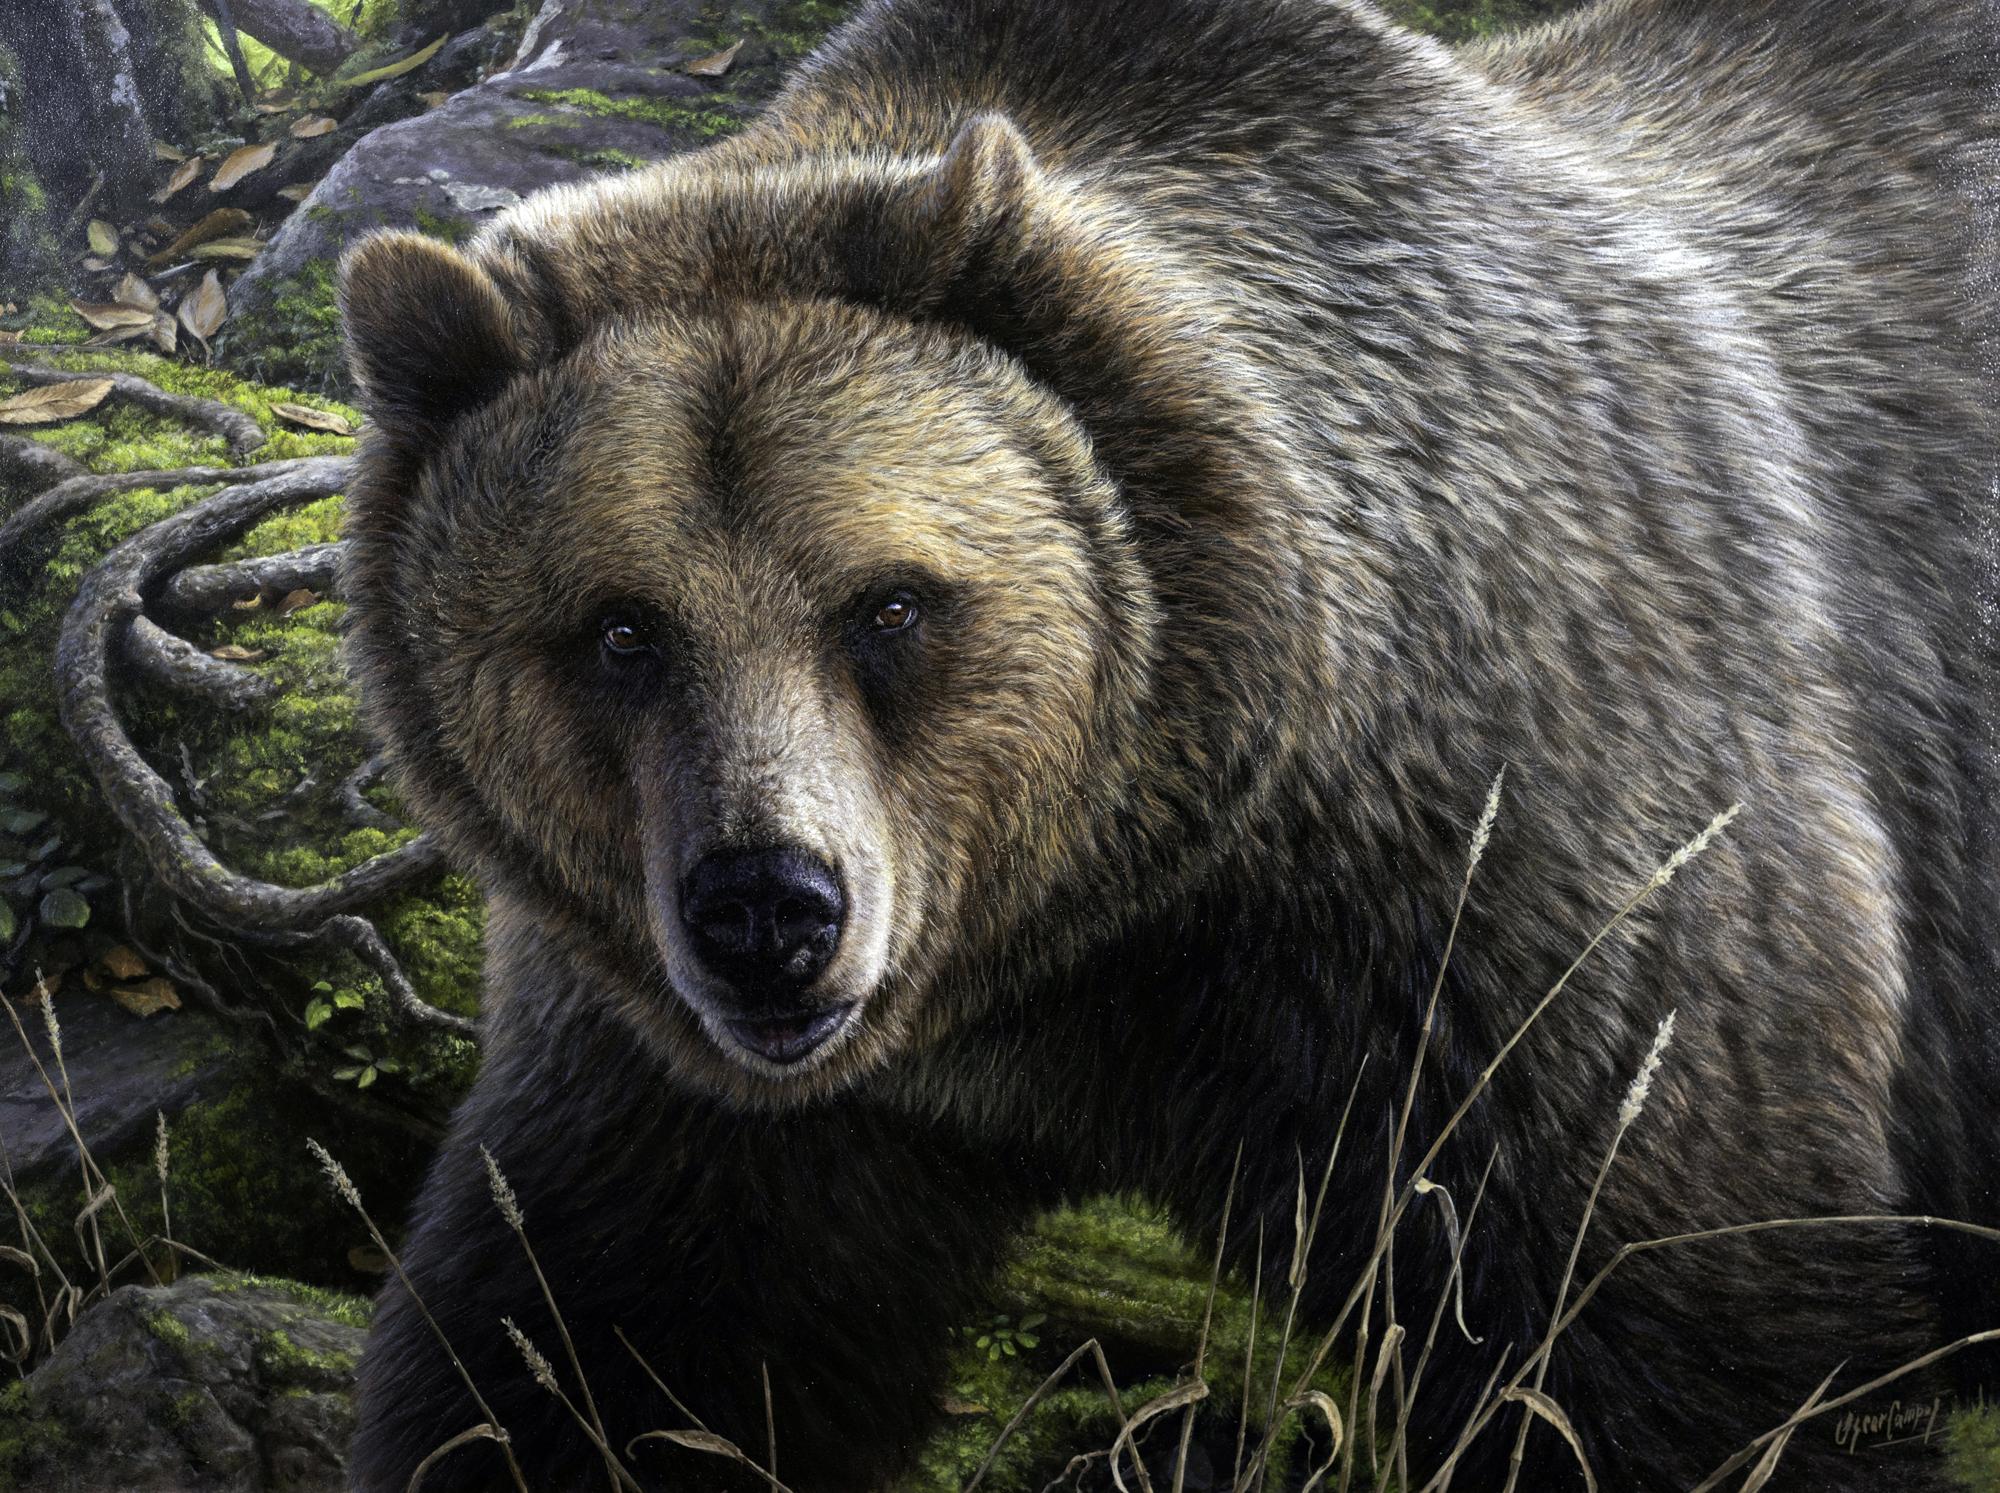 Grizzly en su Dominio Grizzly's Domain by Oscar Campos